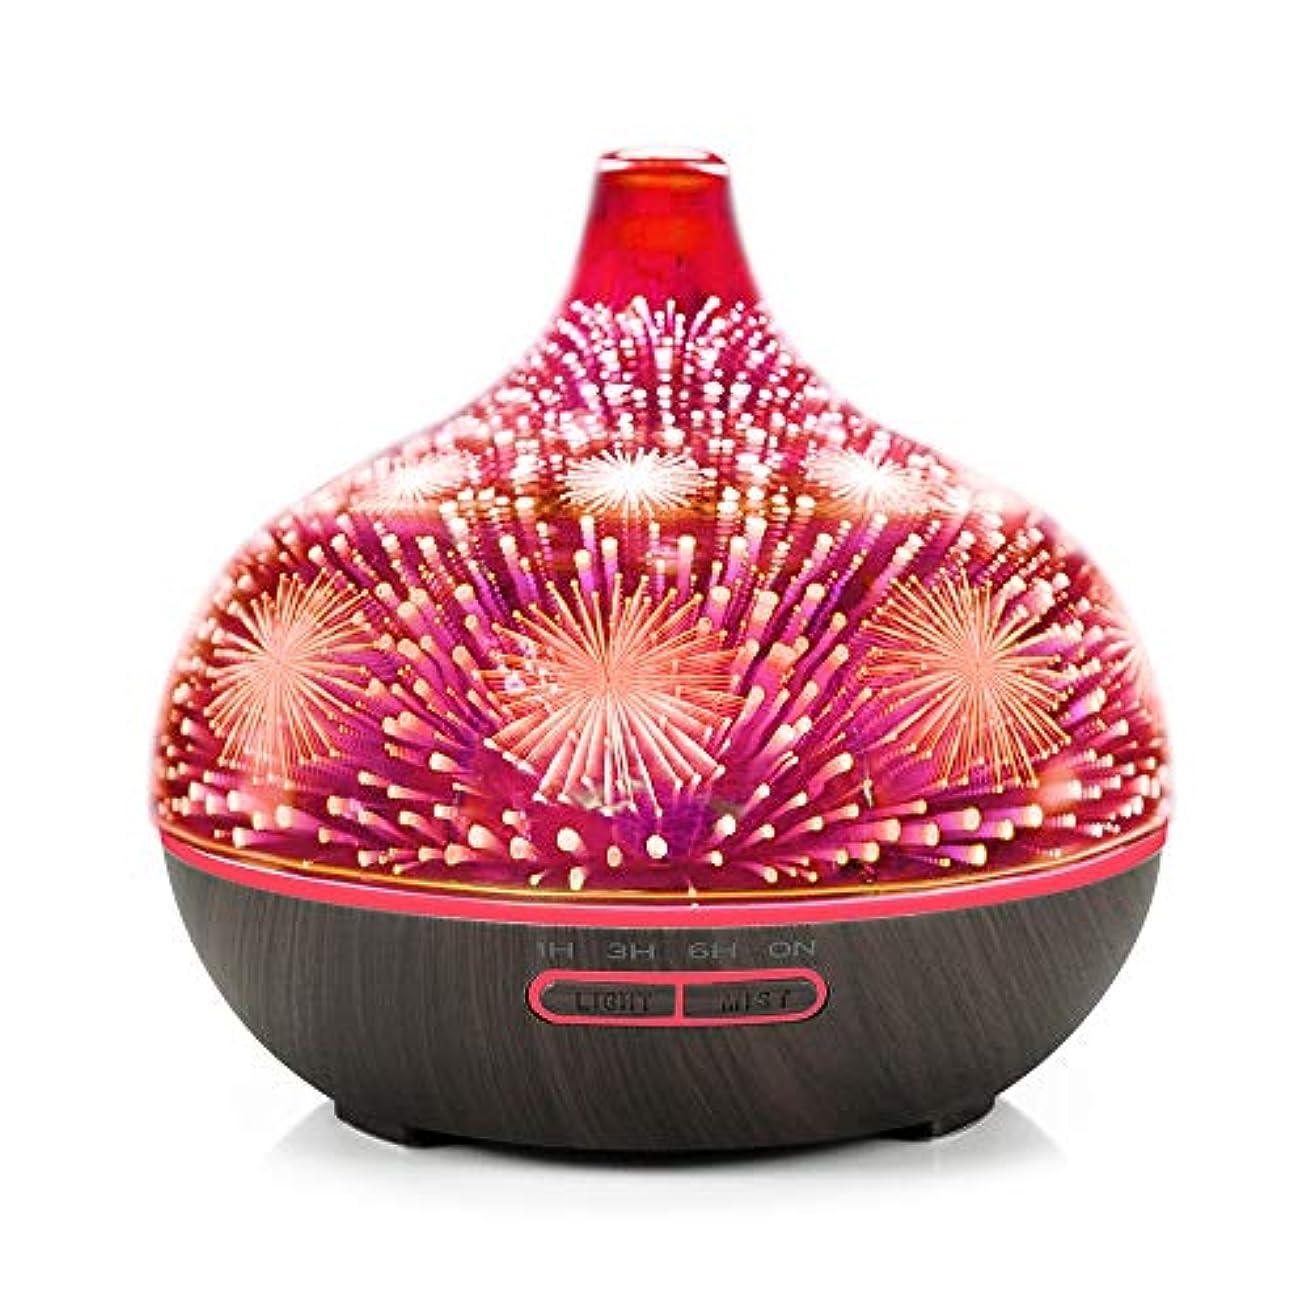 バリケード分離音楽を聴くDecdeal アロマディフューザー 3Dガラス アロマセラピー 加湿器 7色LEDライト付き 自動シャットオフ ブラックウッドパターンベース&花火LEDライト